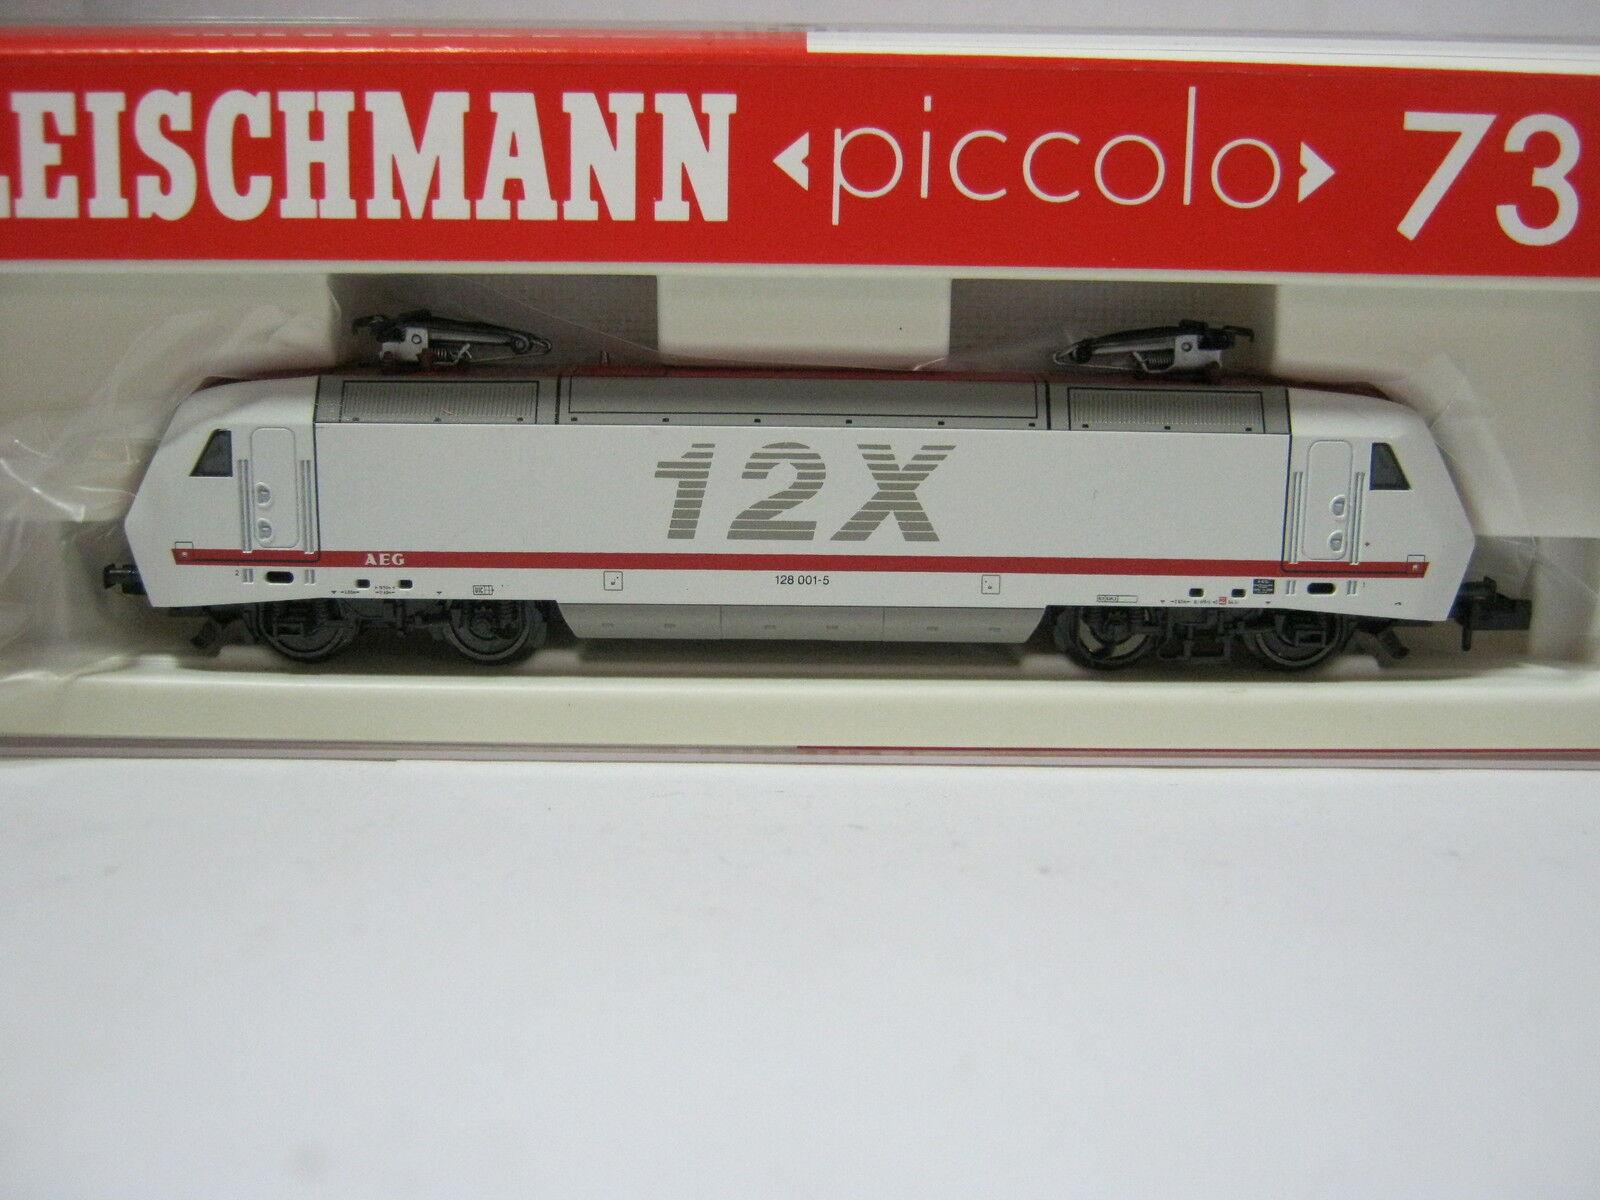 Fleischmann n 7312 Elektro Lok btrnr 128 001-5 DB x12 (rg aw 60s5)